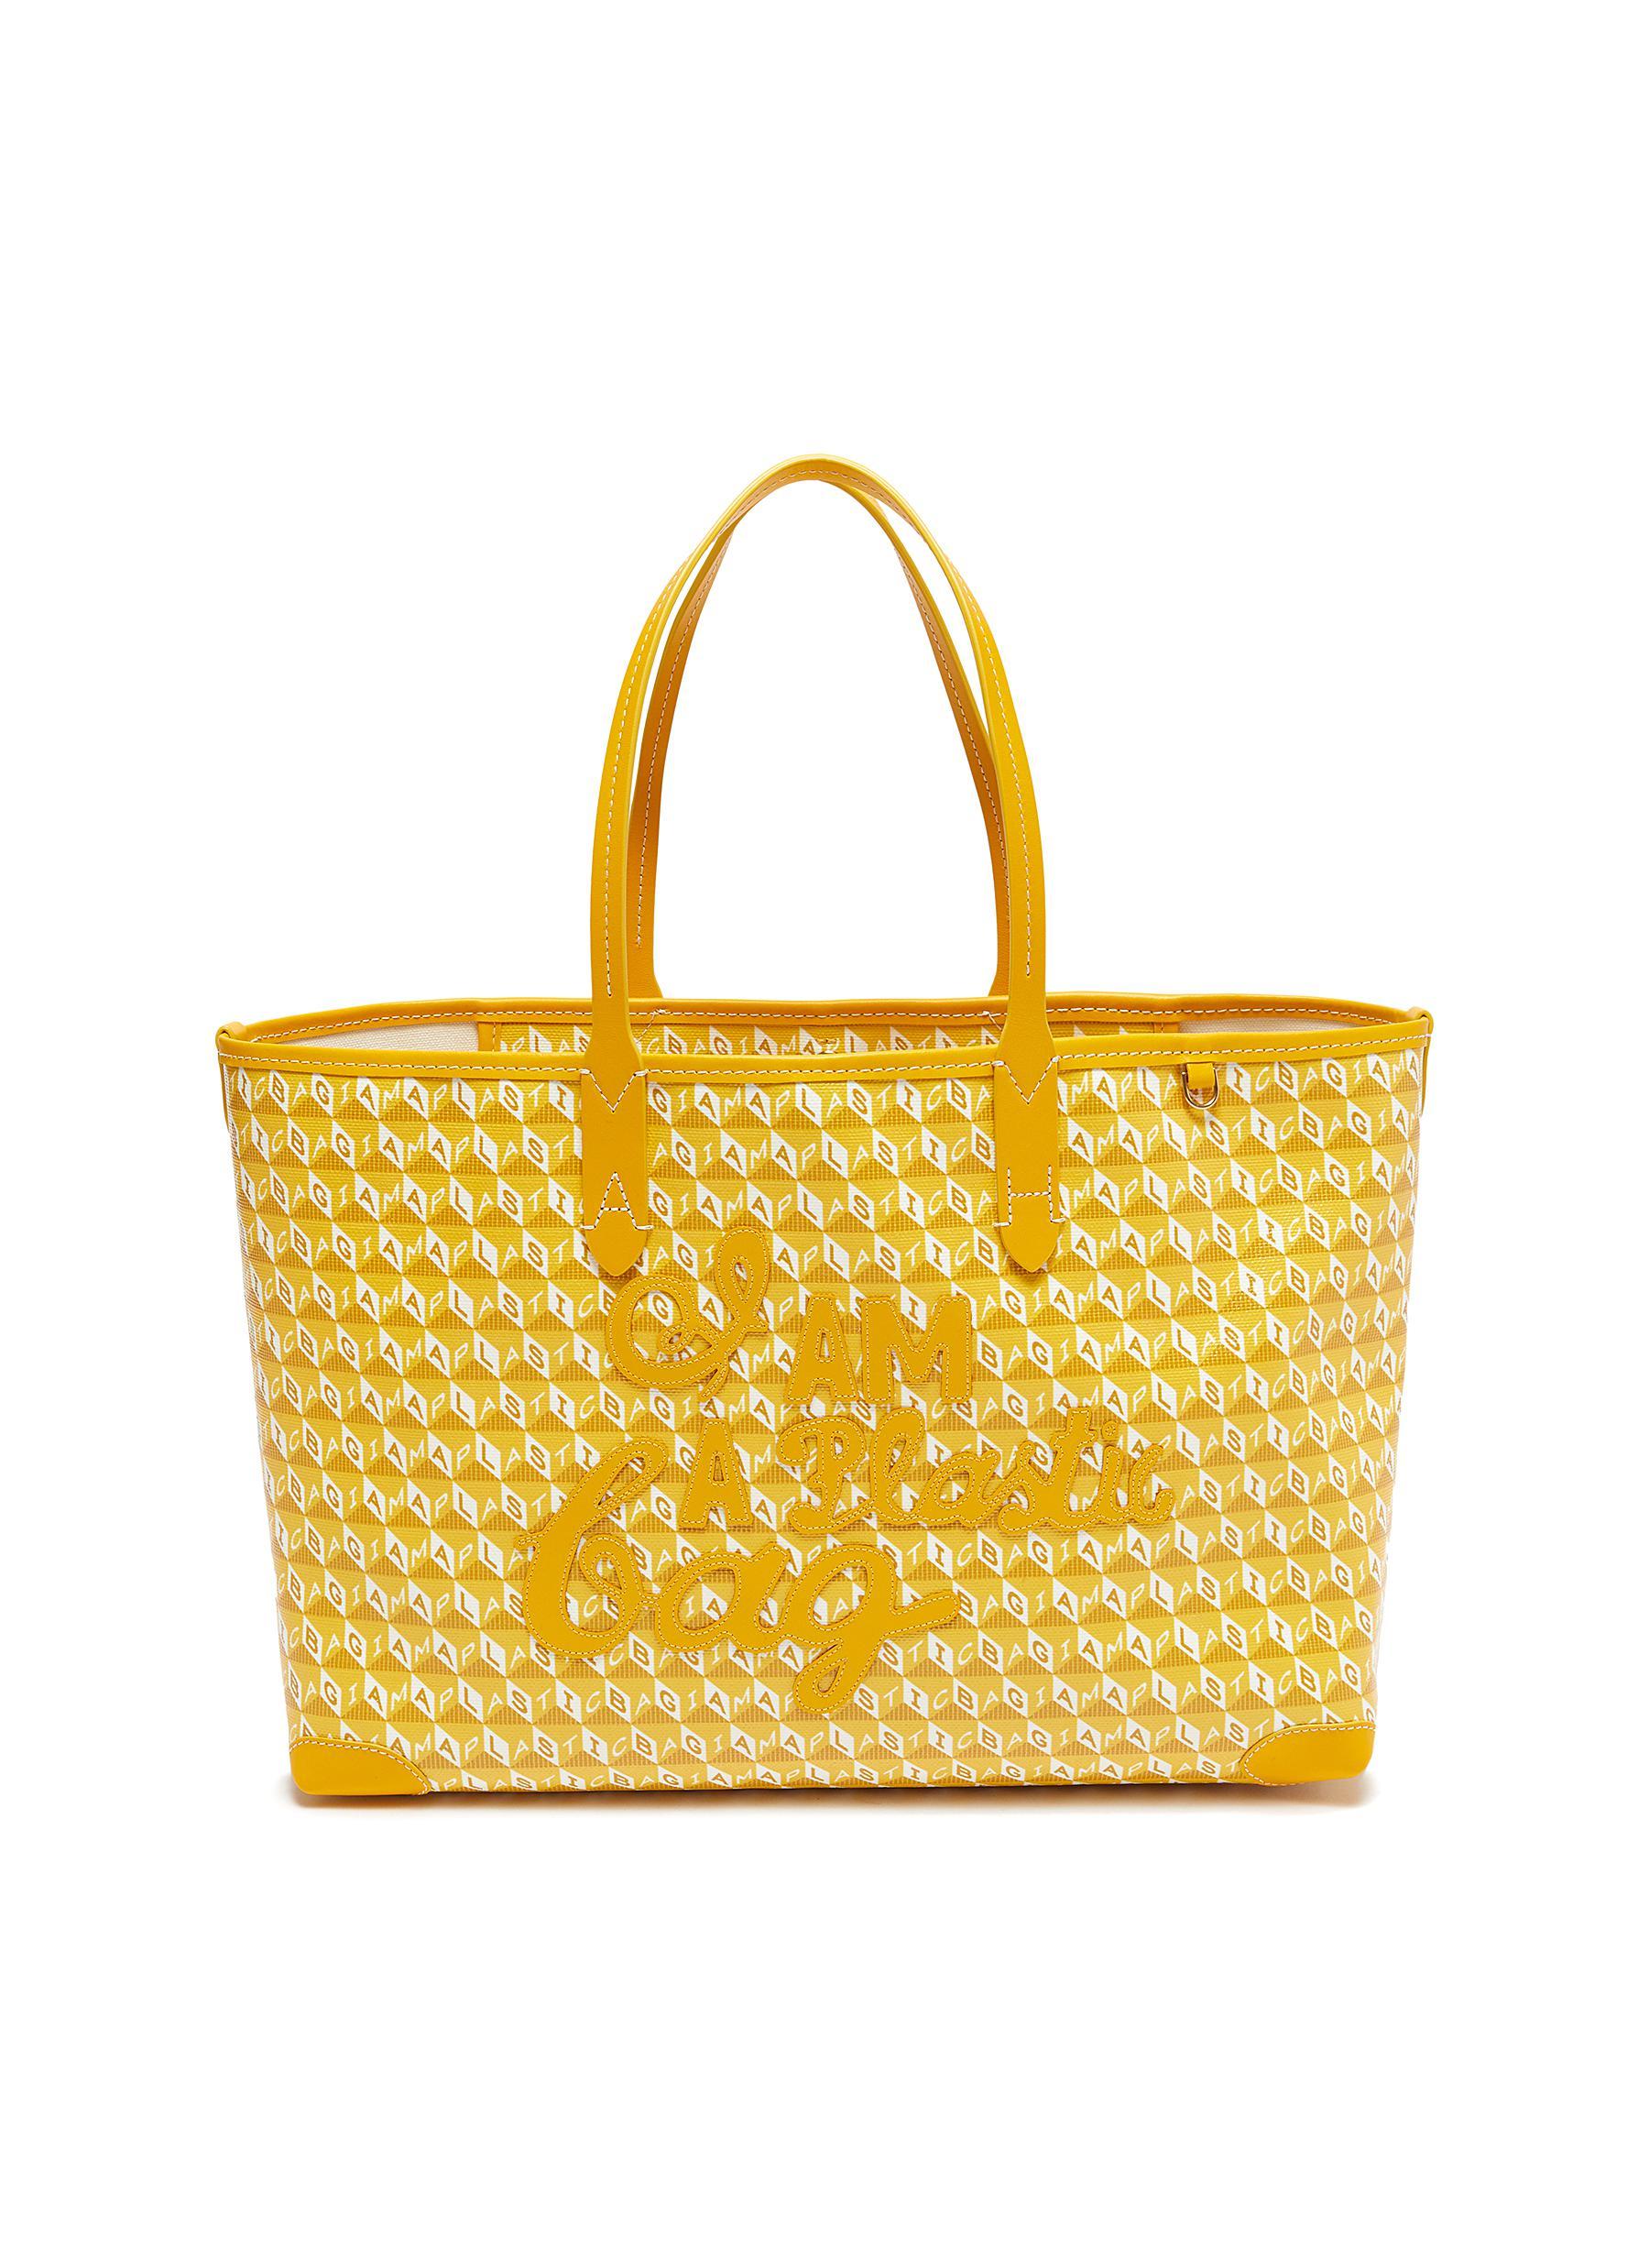 I Am A Plastic Bag' Small Motif Tote - ANYA HINDMARCH - Modalova